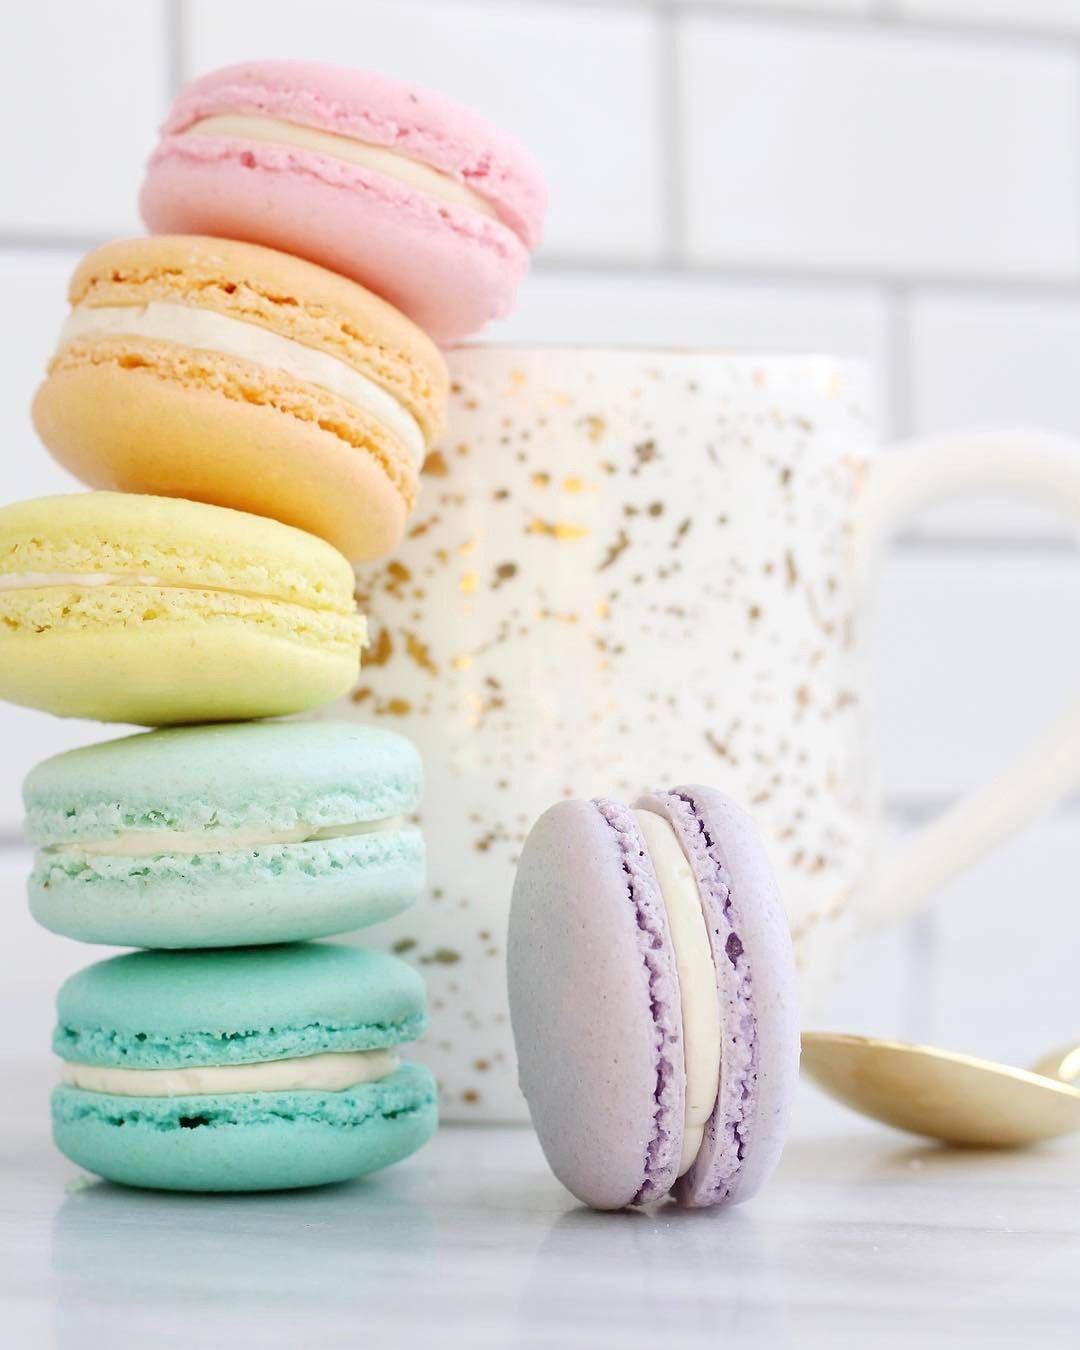 Rainbow macaron stack foodie macarons cake wallpaper - Pastel macaroons wallpaper ...